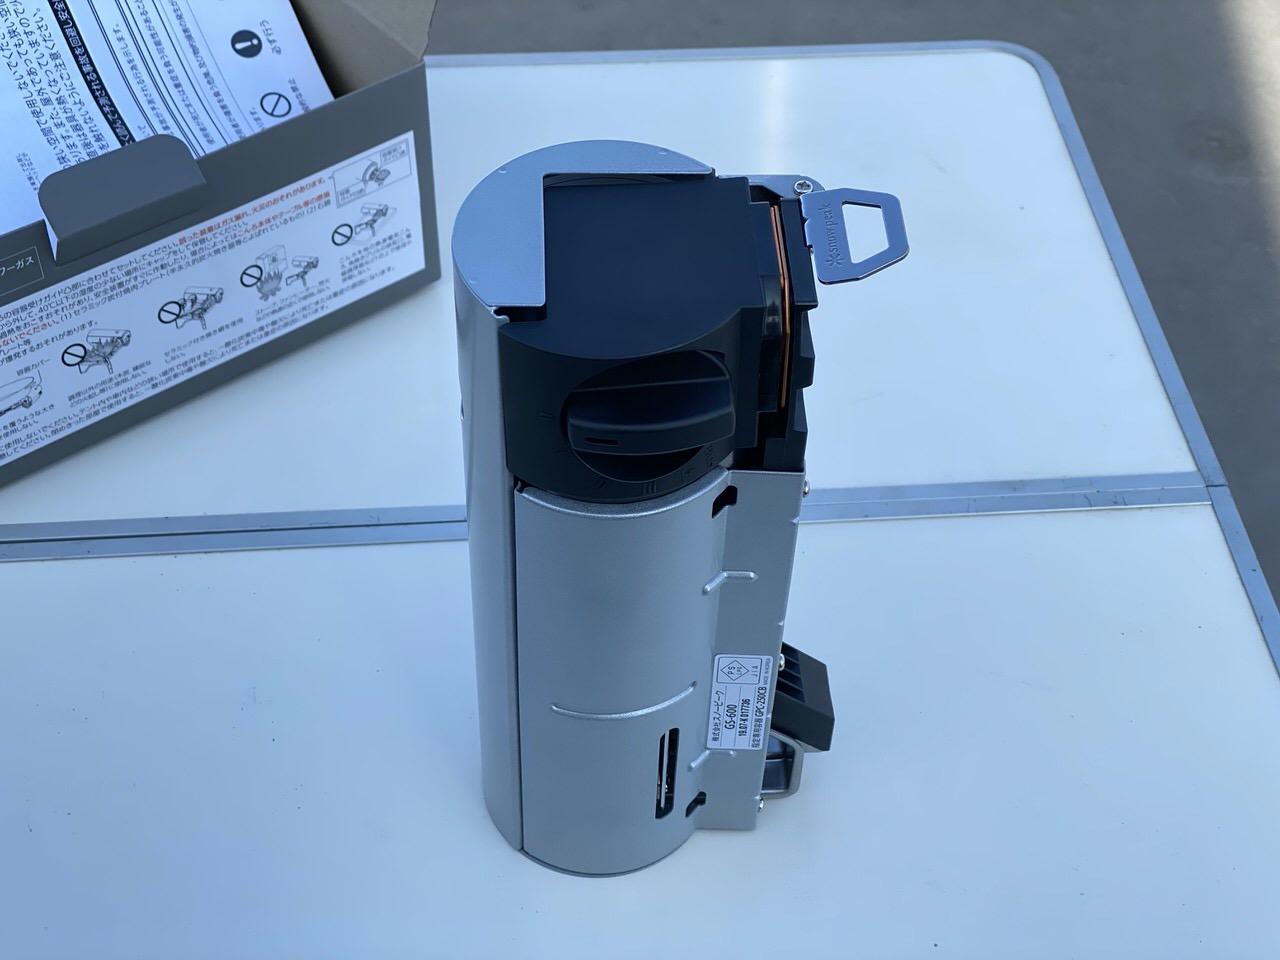 スノーピークのカセットコンロ「HOME&CAMPバーナー(GS-600KH)」4